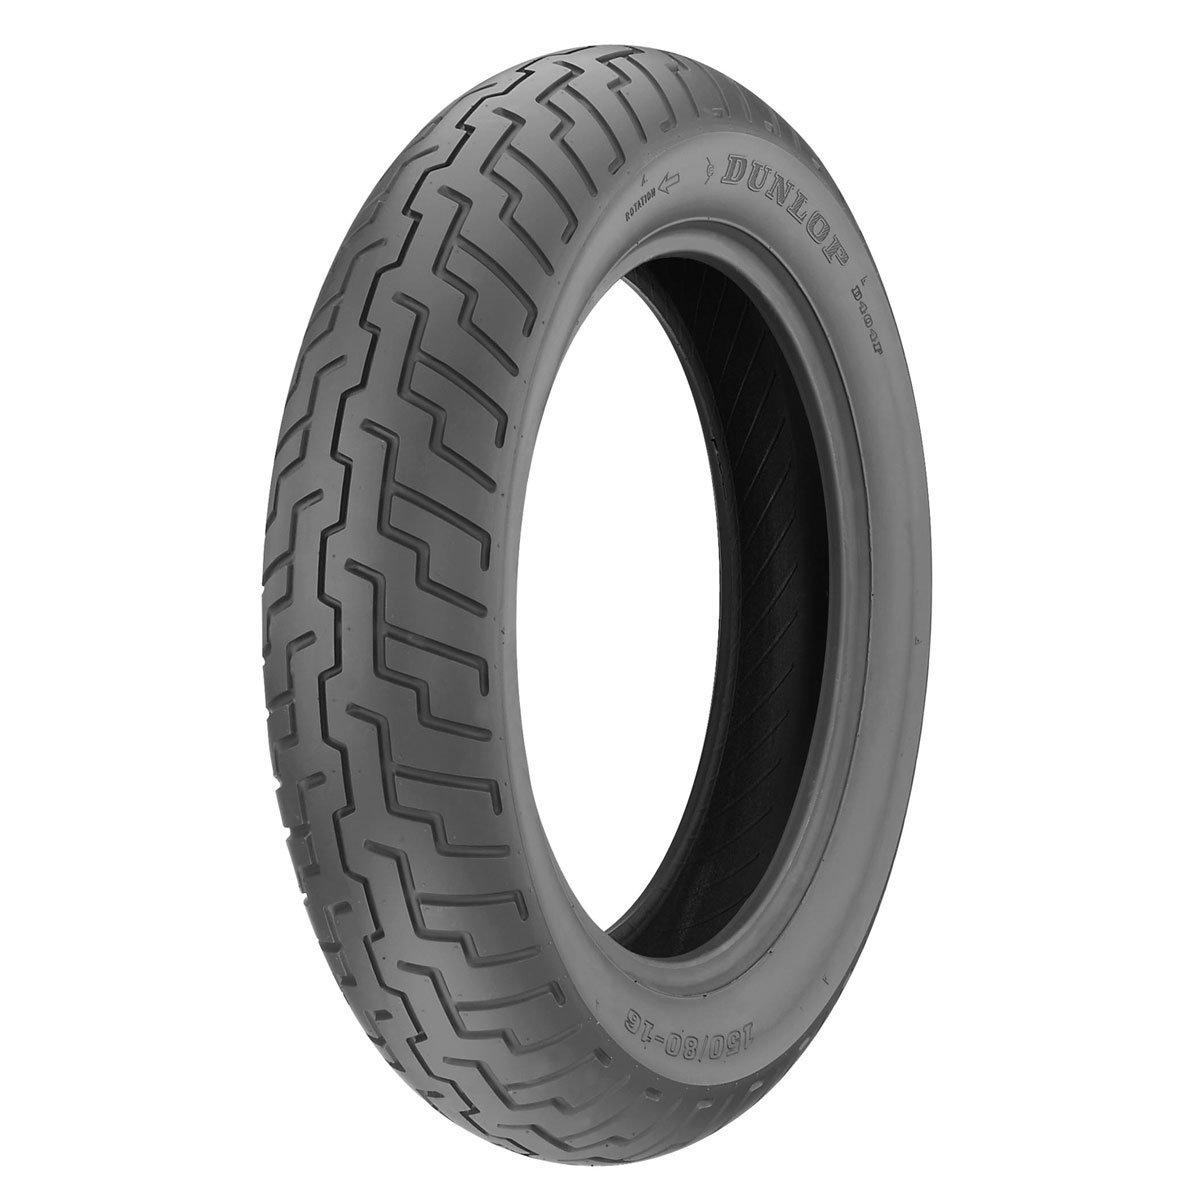 Dunlop D404 100/90-19 Front Tire 32NK-32